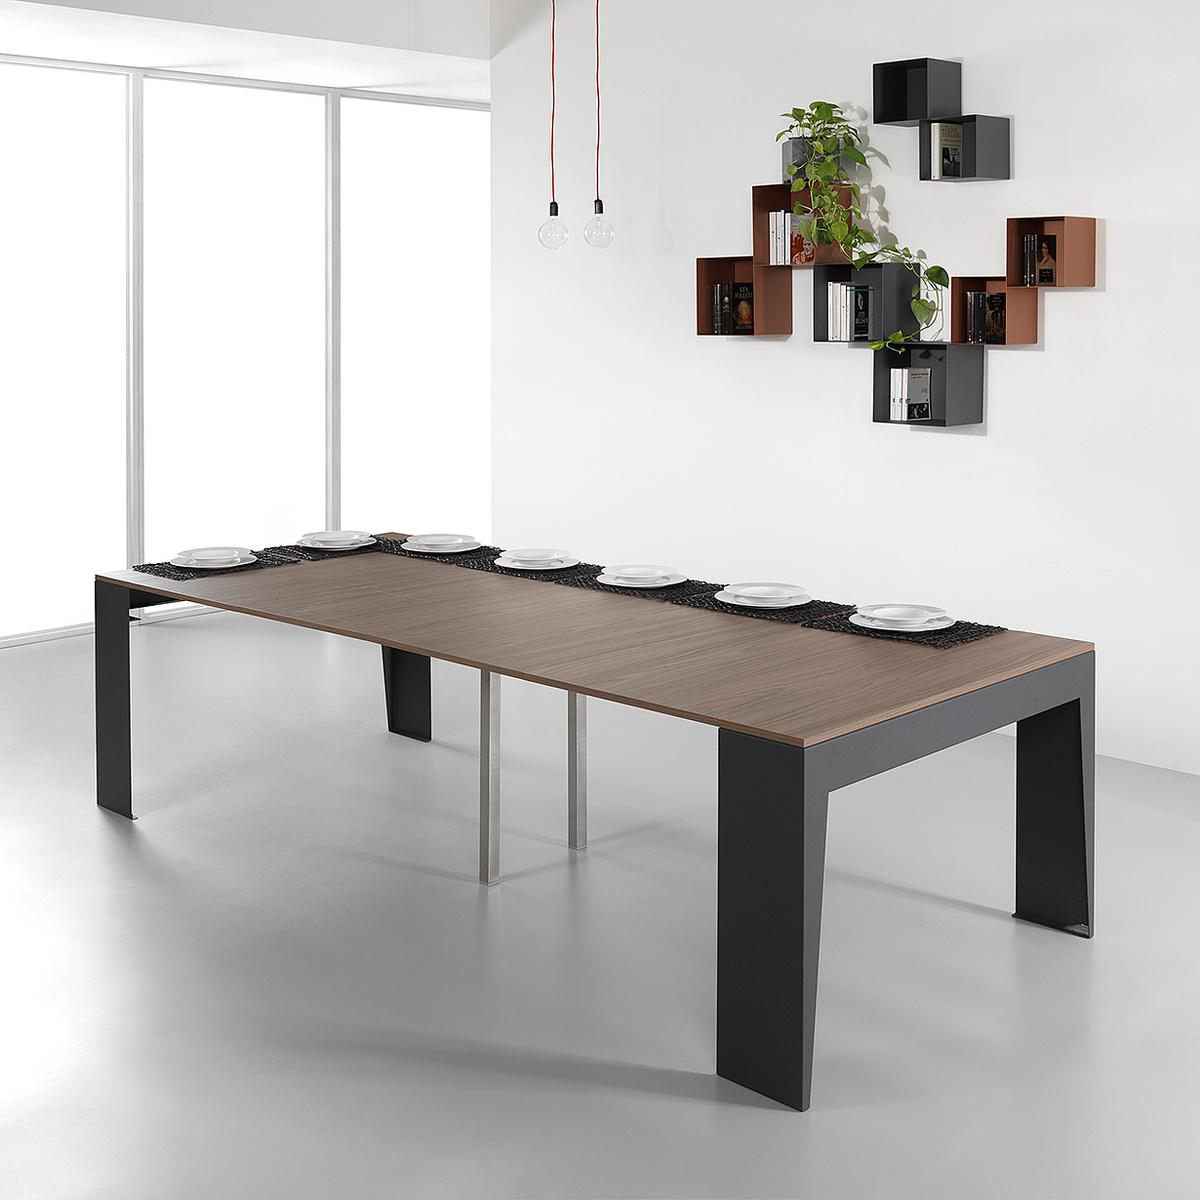 Consolle allungabile marvel con larghezza 120 cm by pezzani lovethesign - Larghezza tavolo ...